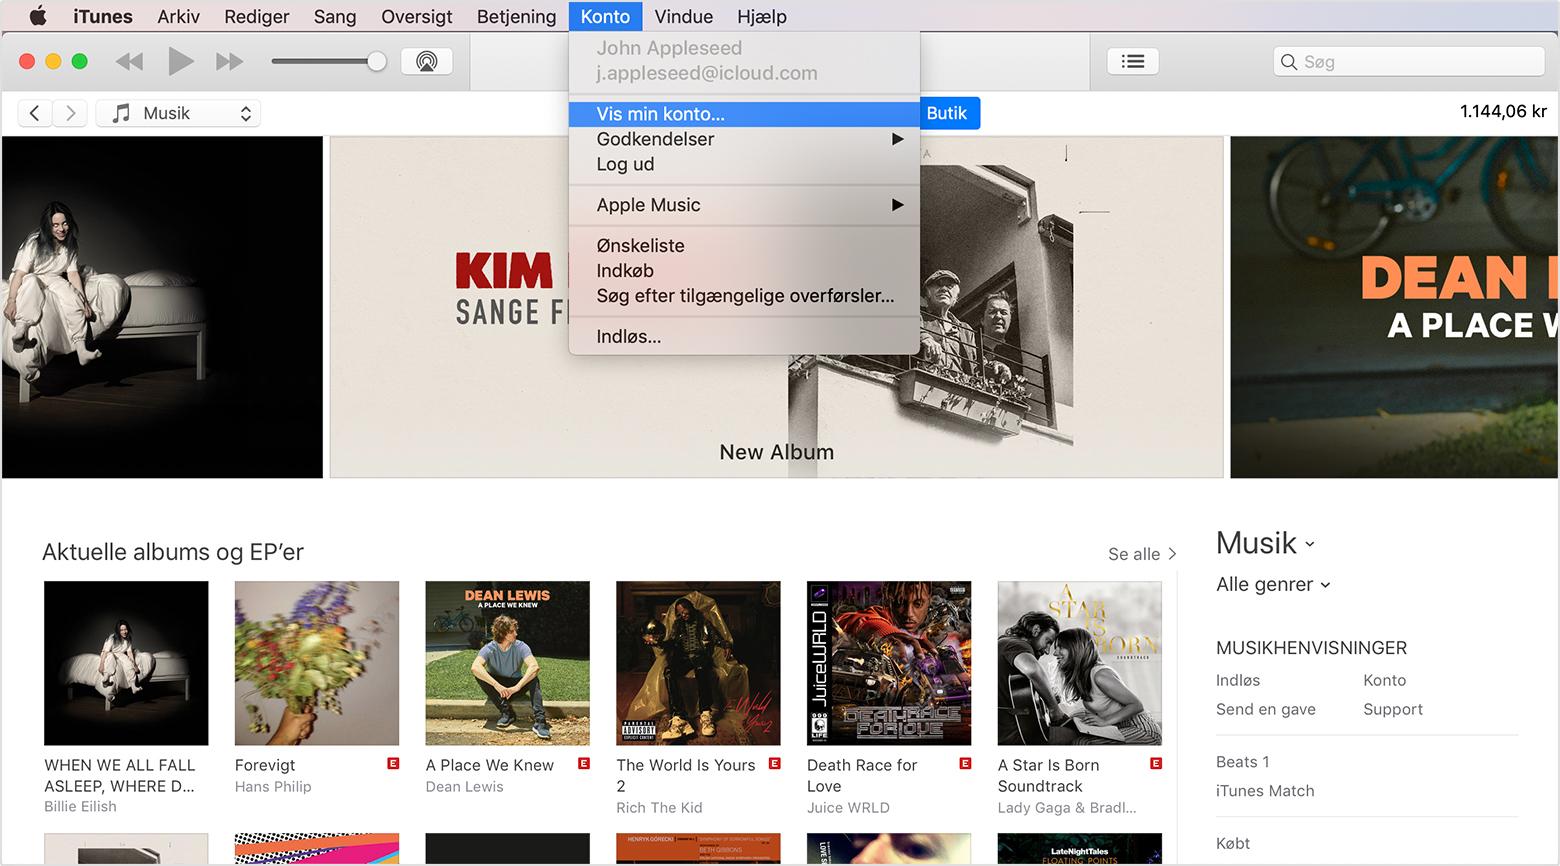 11cefe15 Et iTunes-vindue med menuen Konto åbnet foran den. Vis min konto er valgt